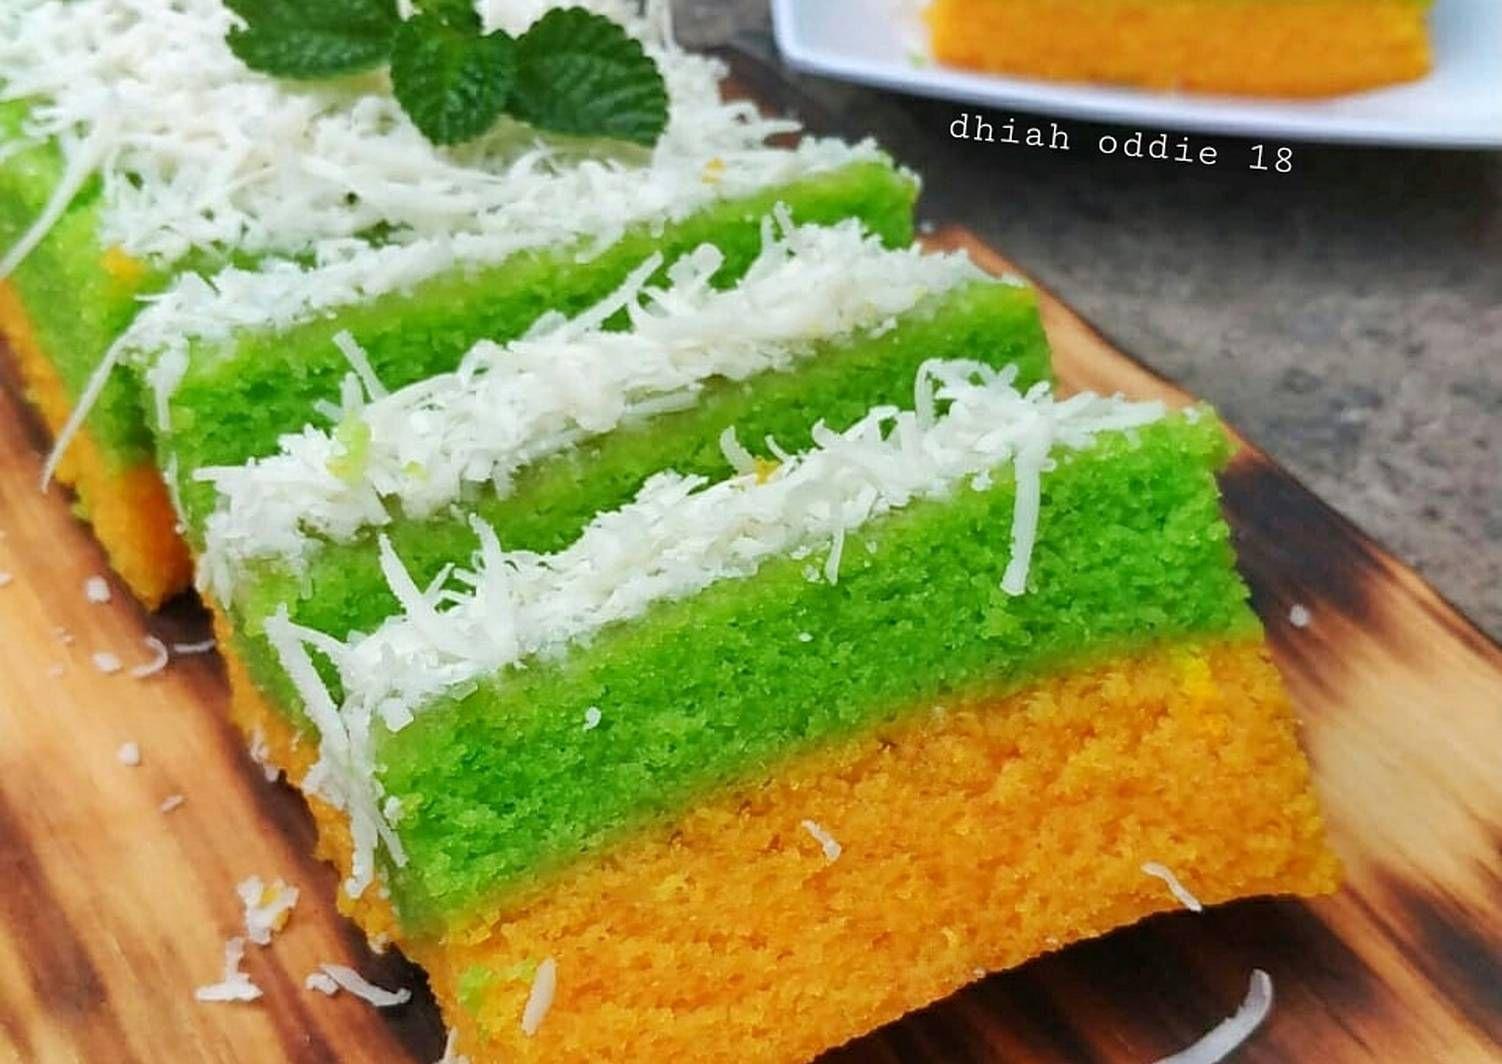 Resep Bolu Lapis Singkong Oleh Dhiah Oddie Resep Resep Makanan Manis Makanan